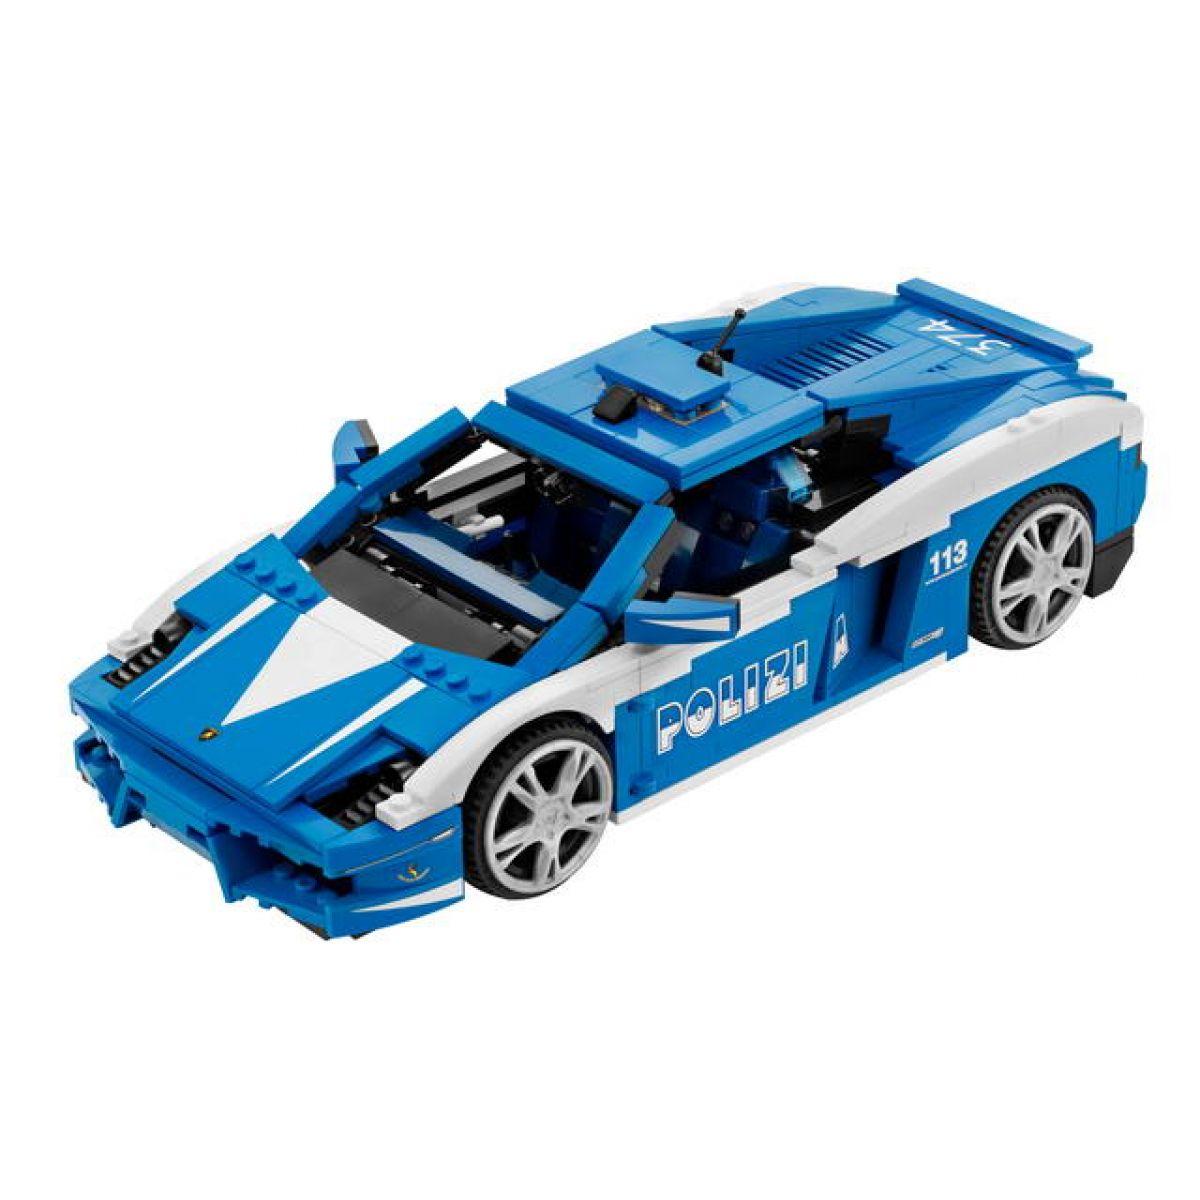 LEGO RACERS 8214 Lamborghini Polizia LP 560-4 Polizia #2